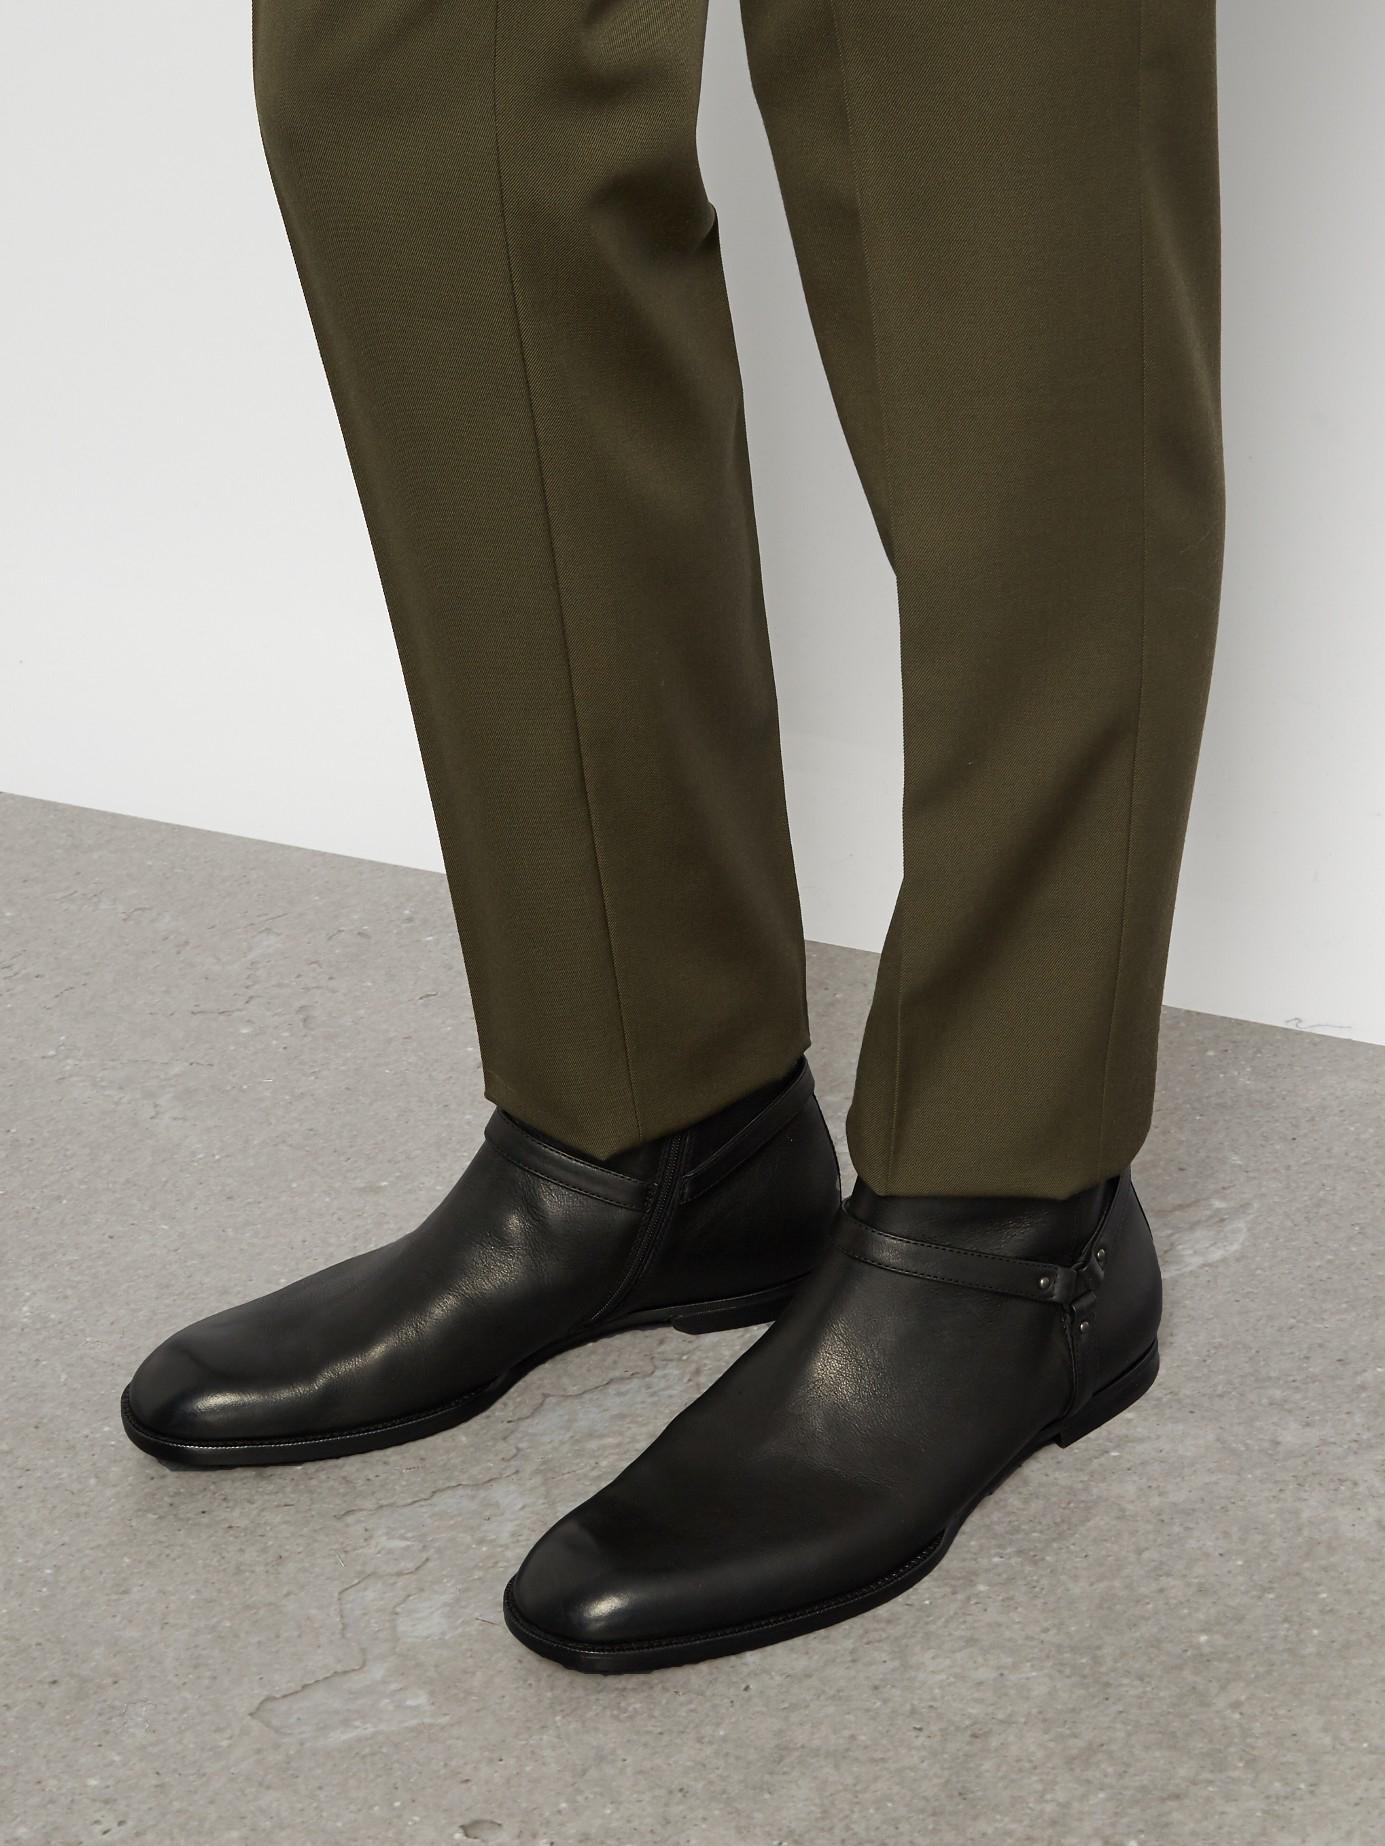 Lyst Bottega Veneta Leather Ankle Boots In Black For Men